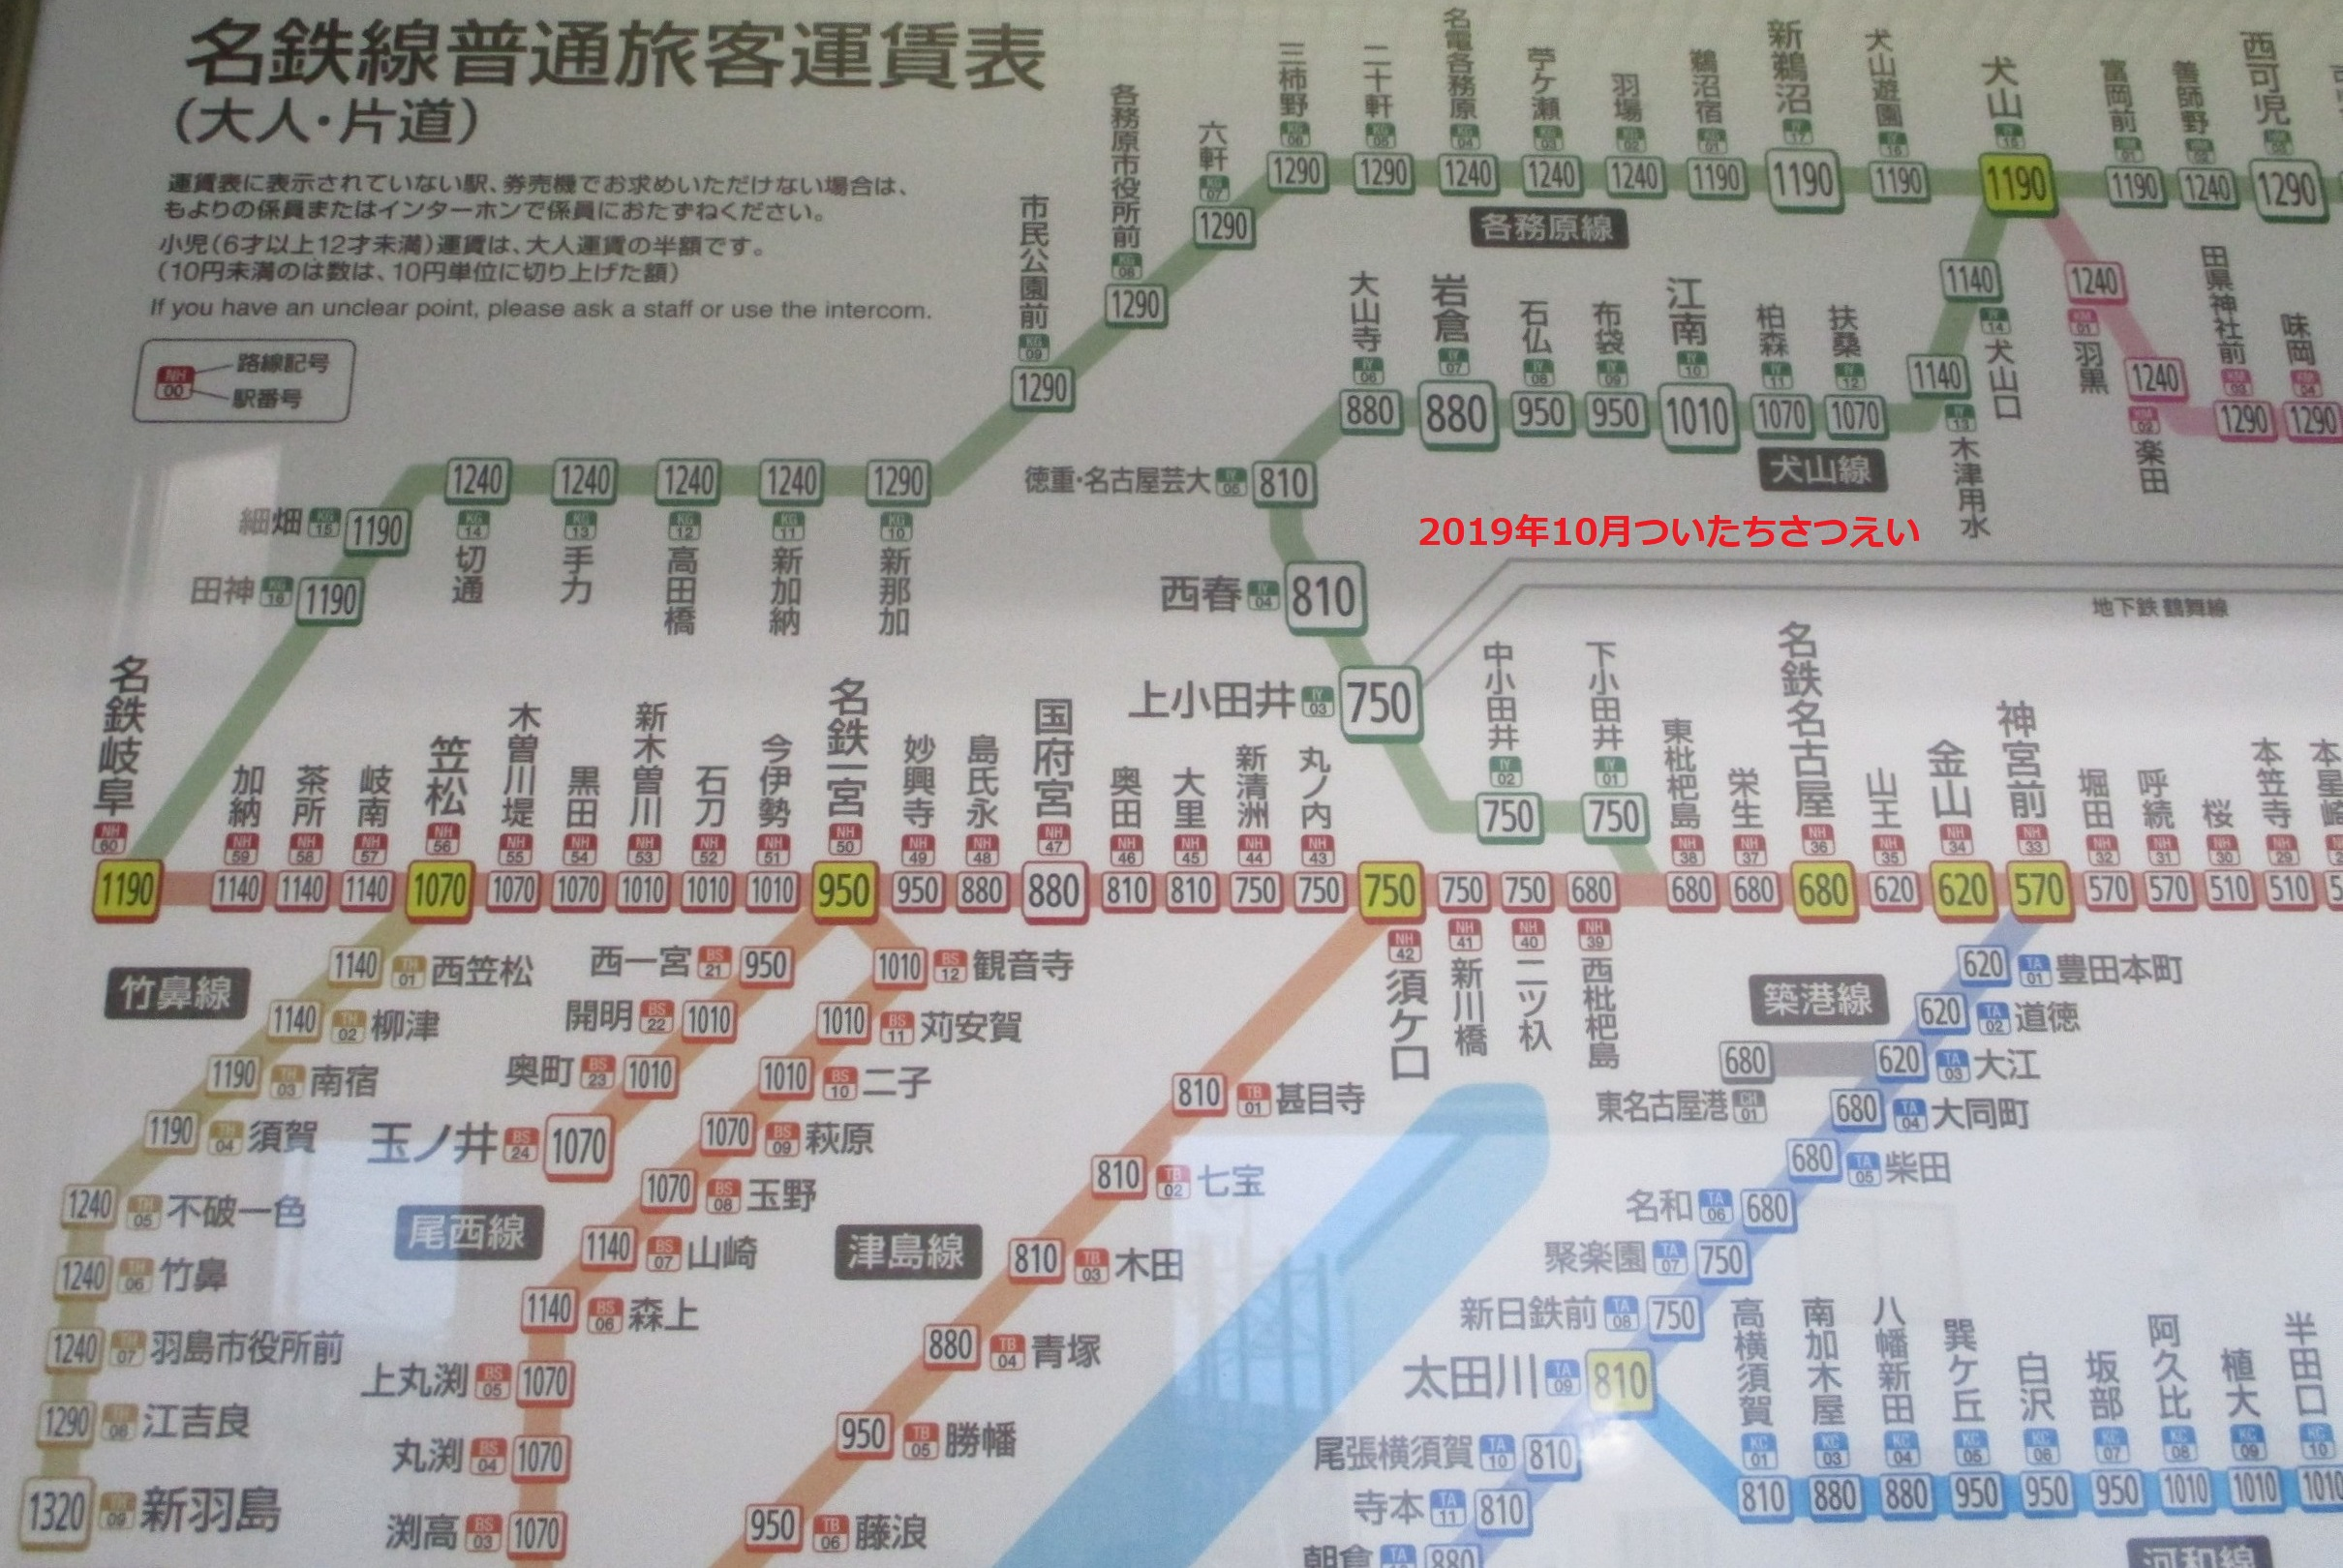 2019.10.1 ふるい - 料金表 4-4 西北 2420-1620